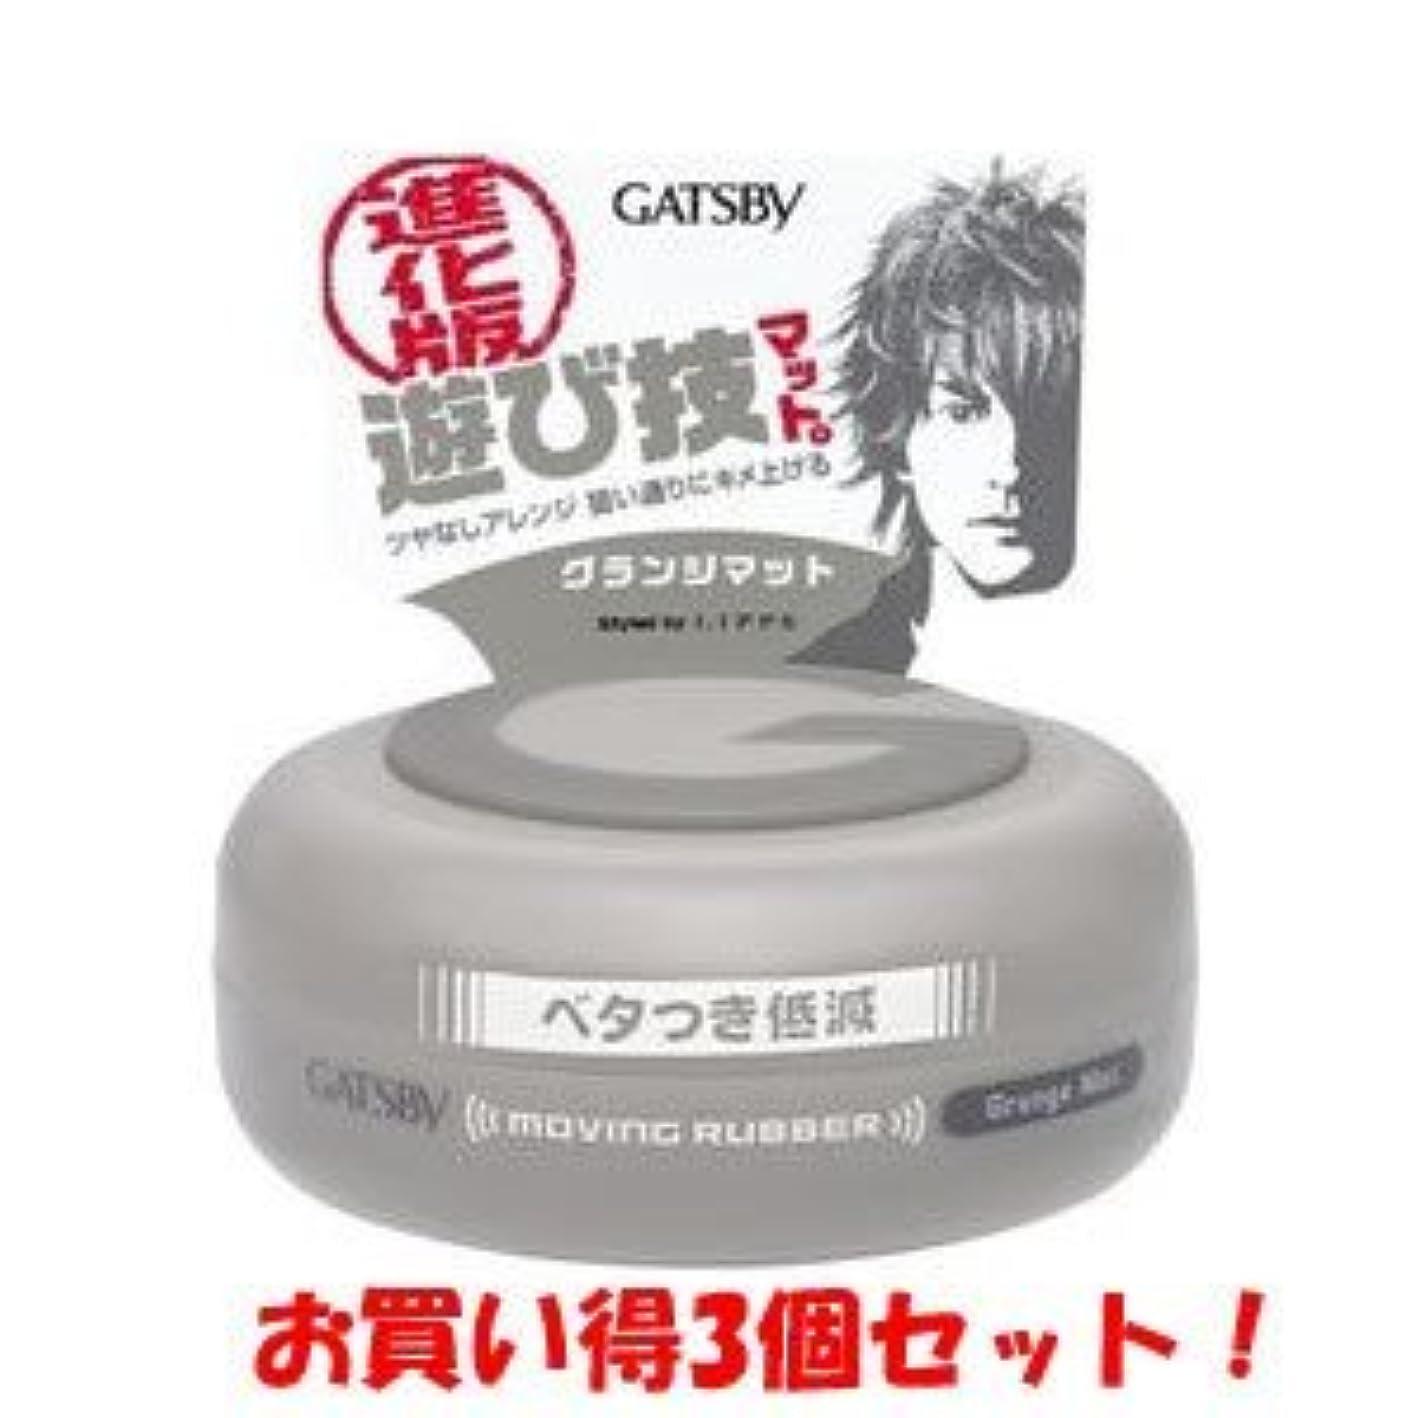 ボクシングクスコ裏切るギャツビー【GATSBY】ムービングラバー グランジマット80g(お買い得3個セット)